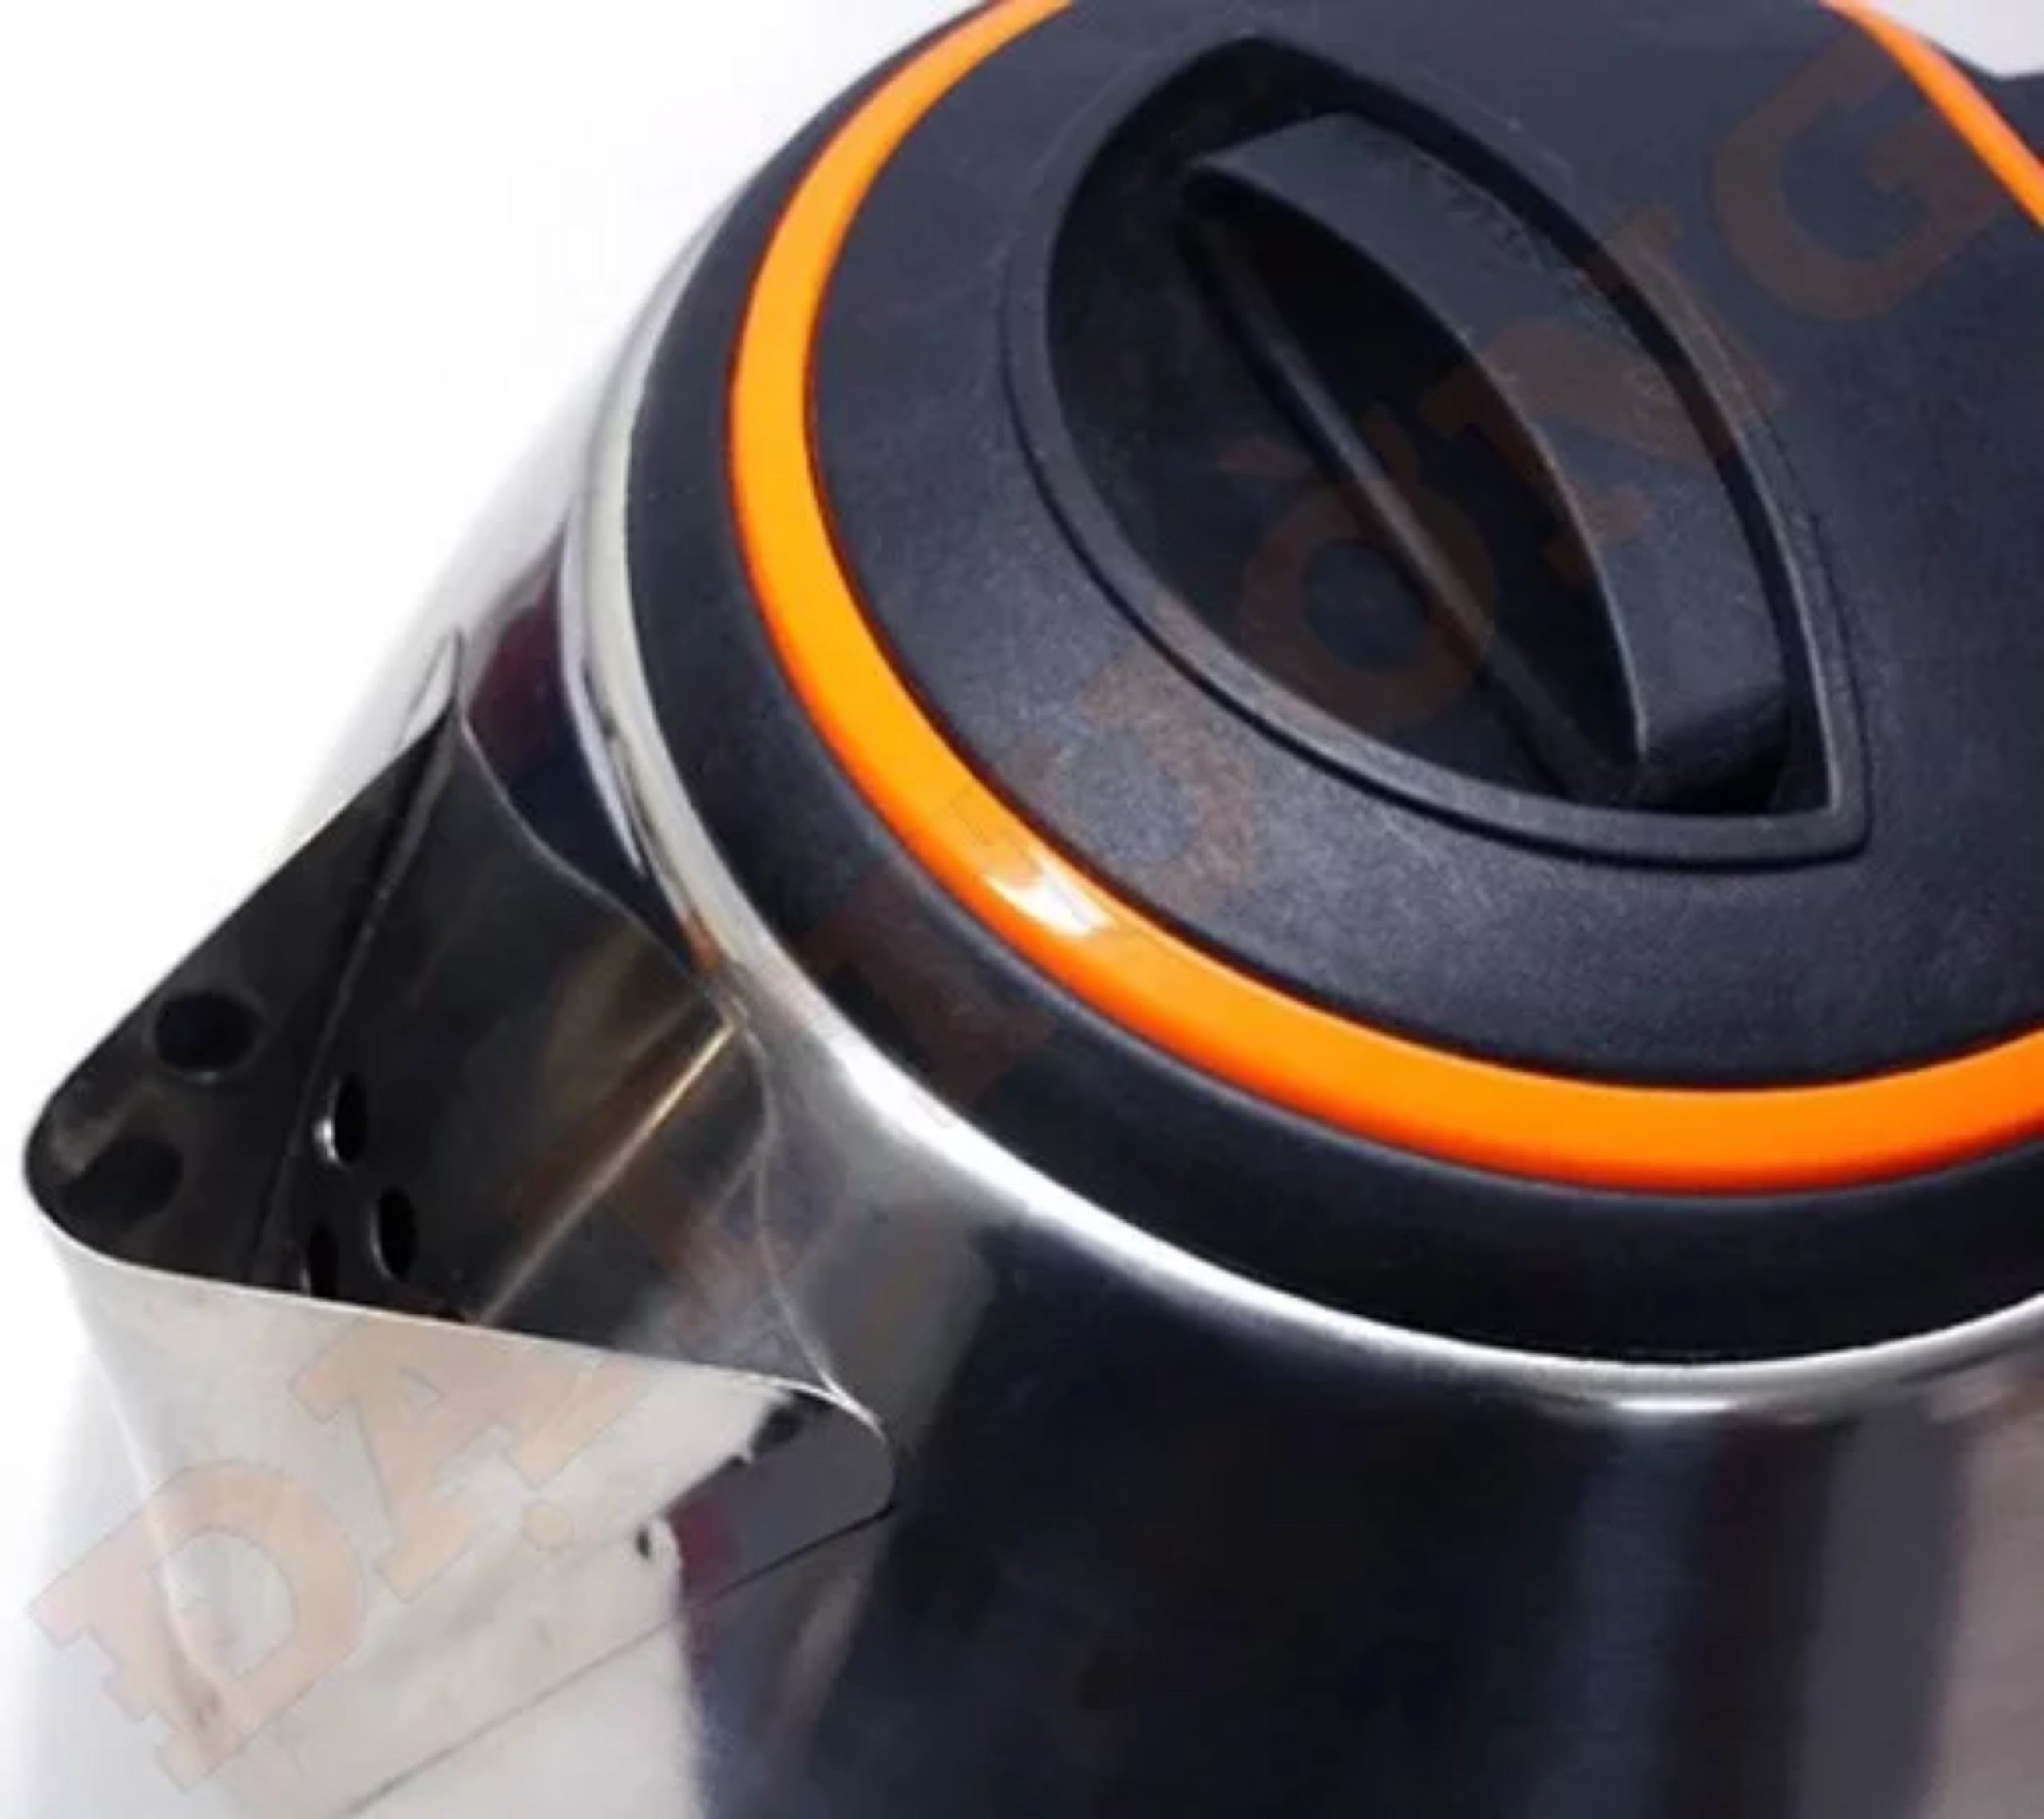 Ấm siêu tốc quai đen 1,8 Lít Đạt Tường – ST-02  - Trắng Inox